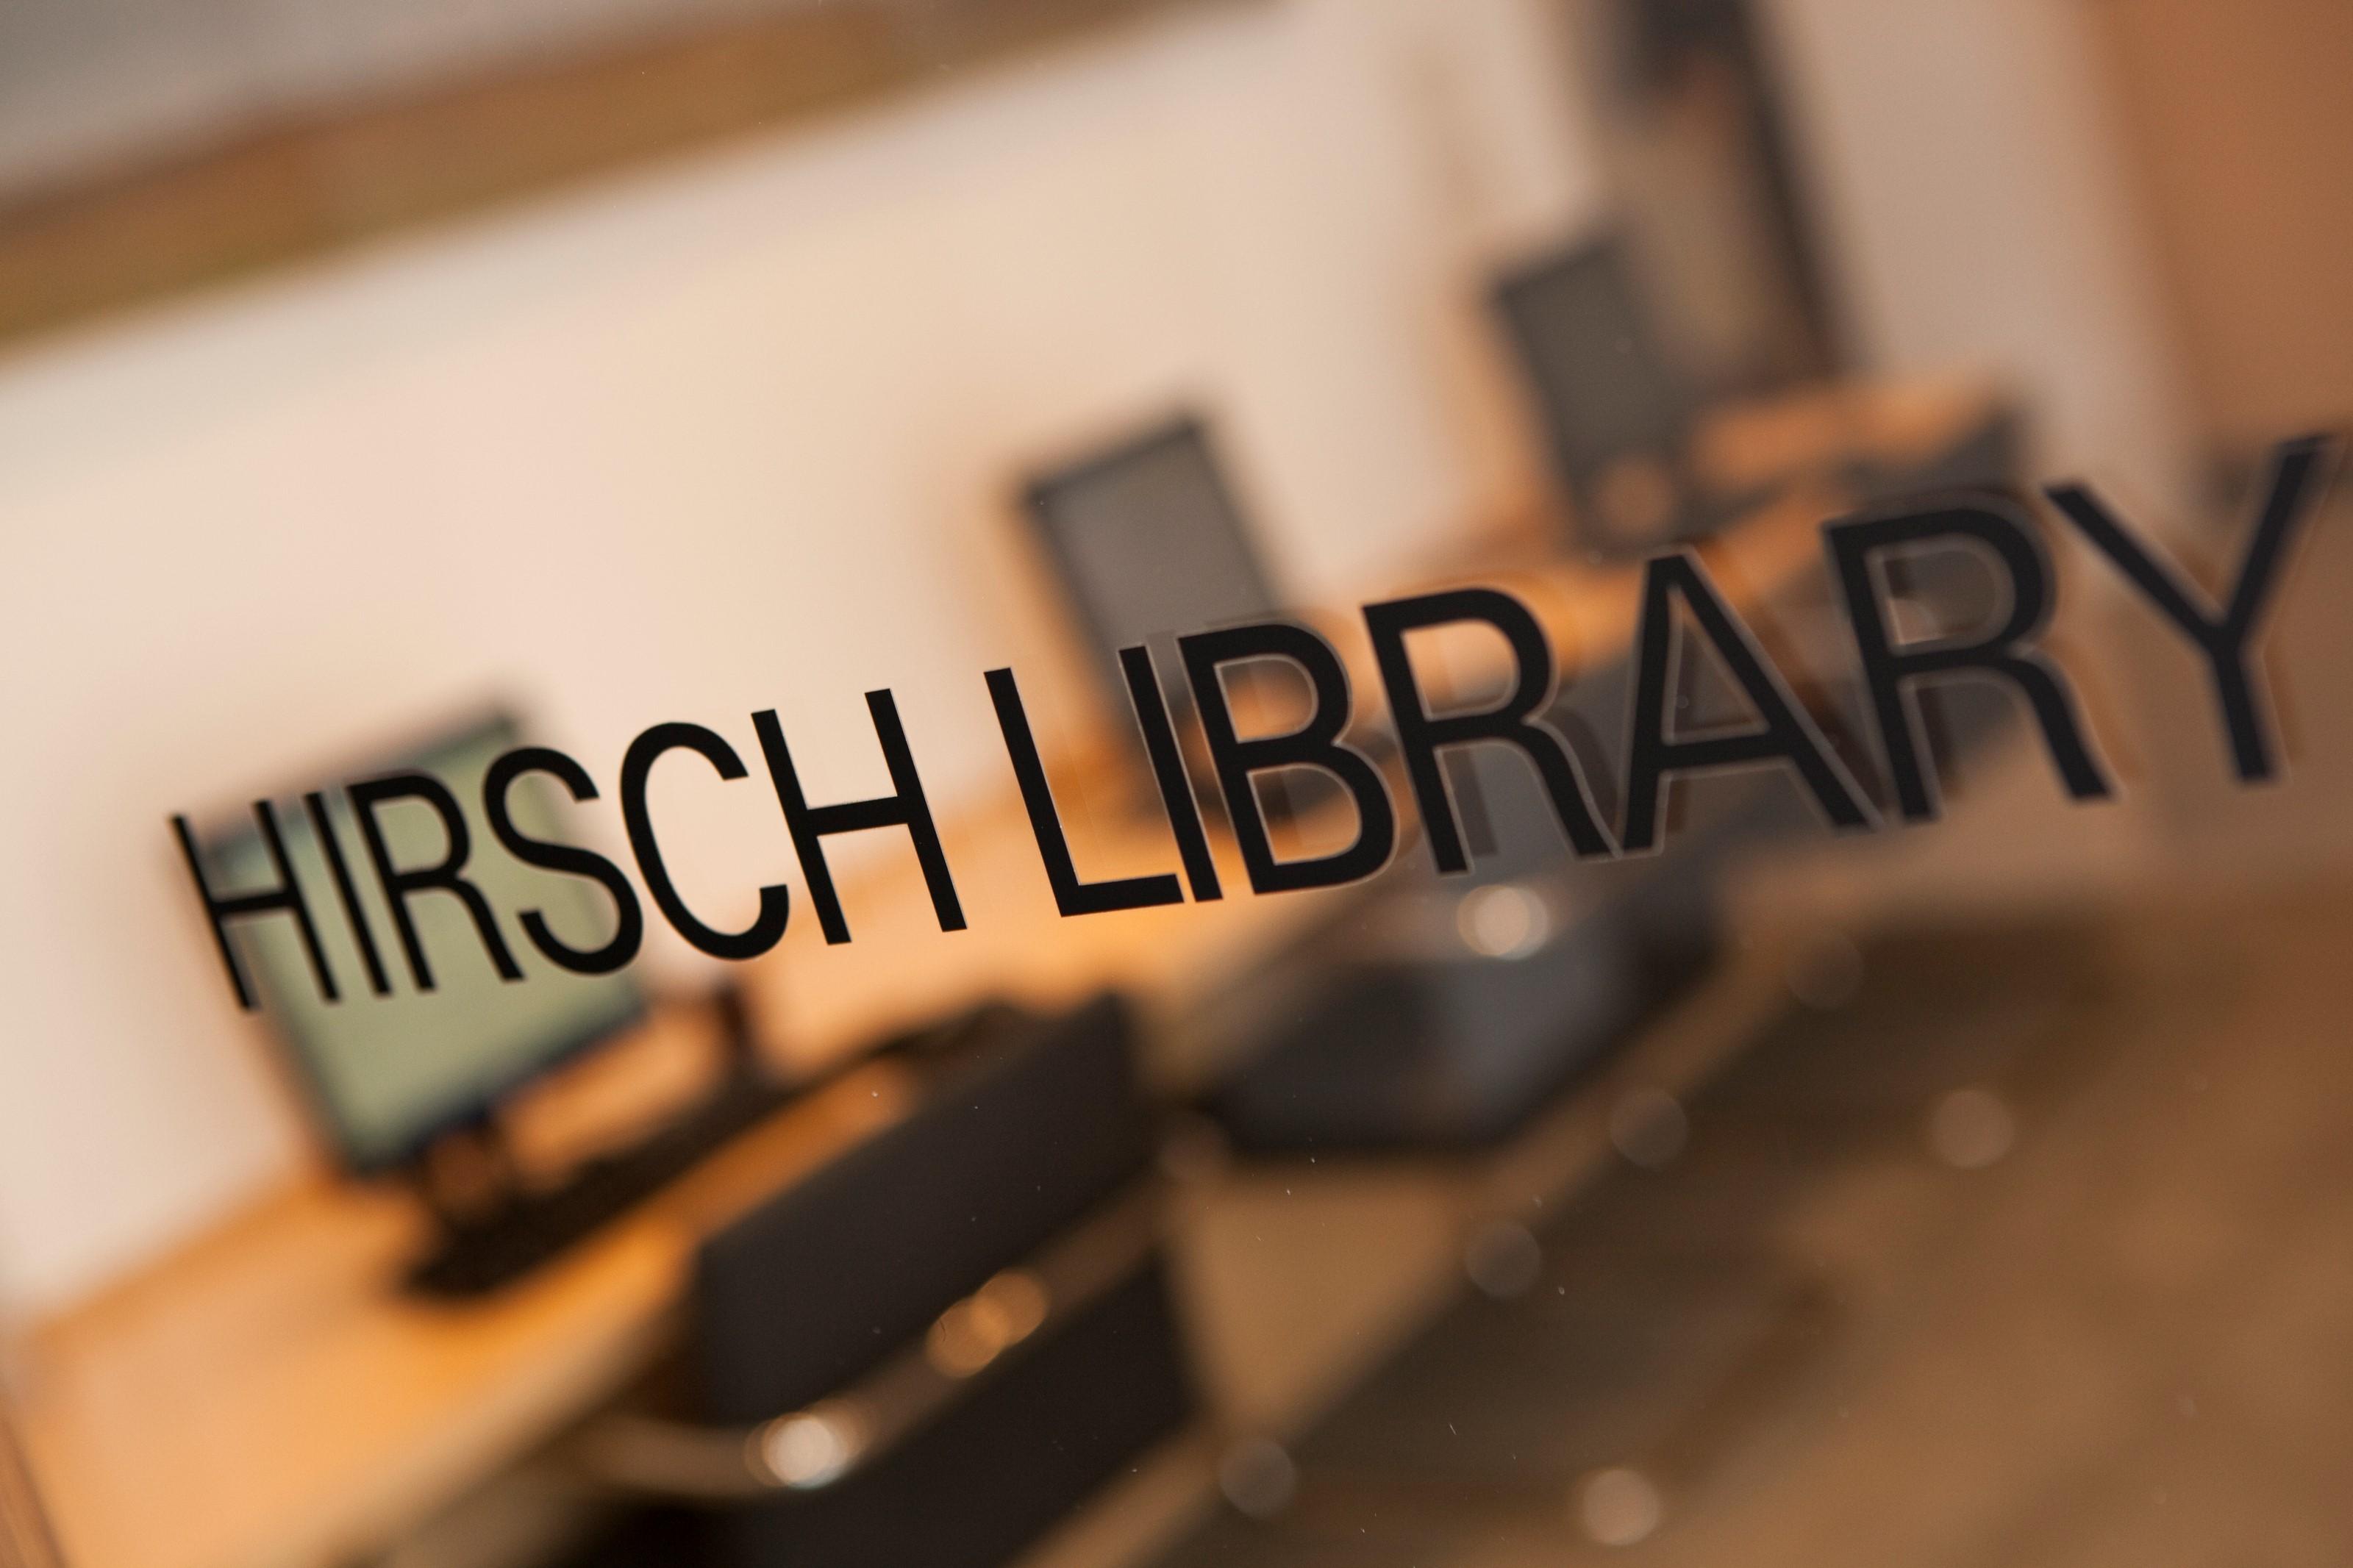 Hirsch Library (window)